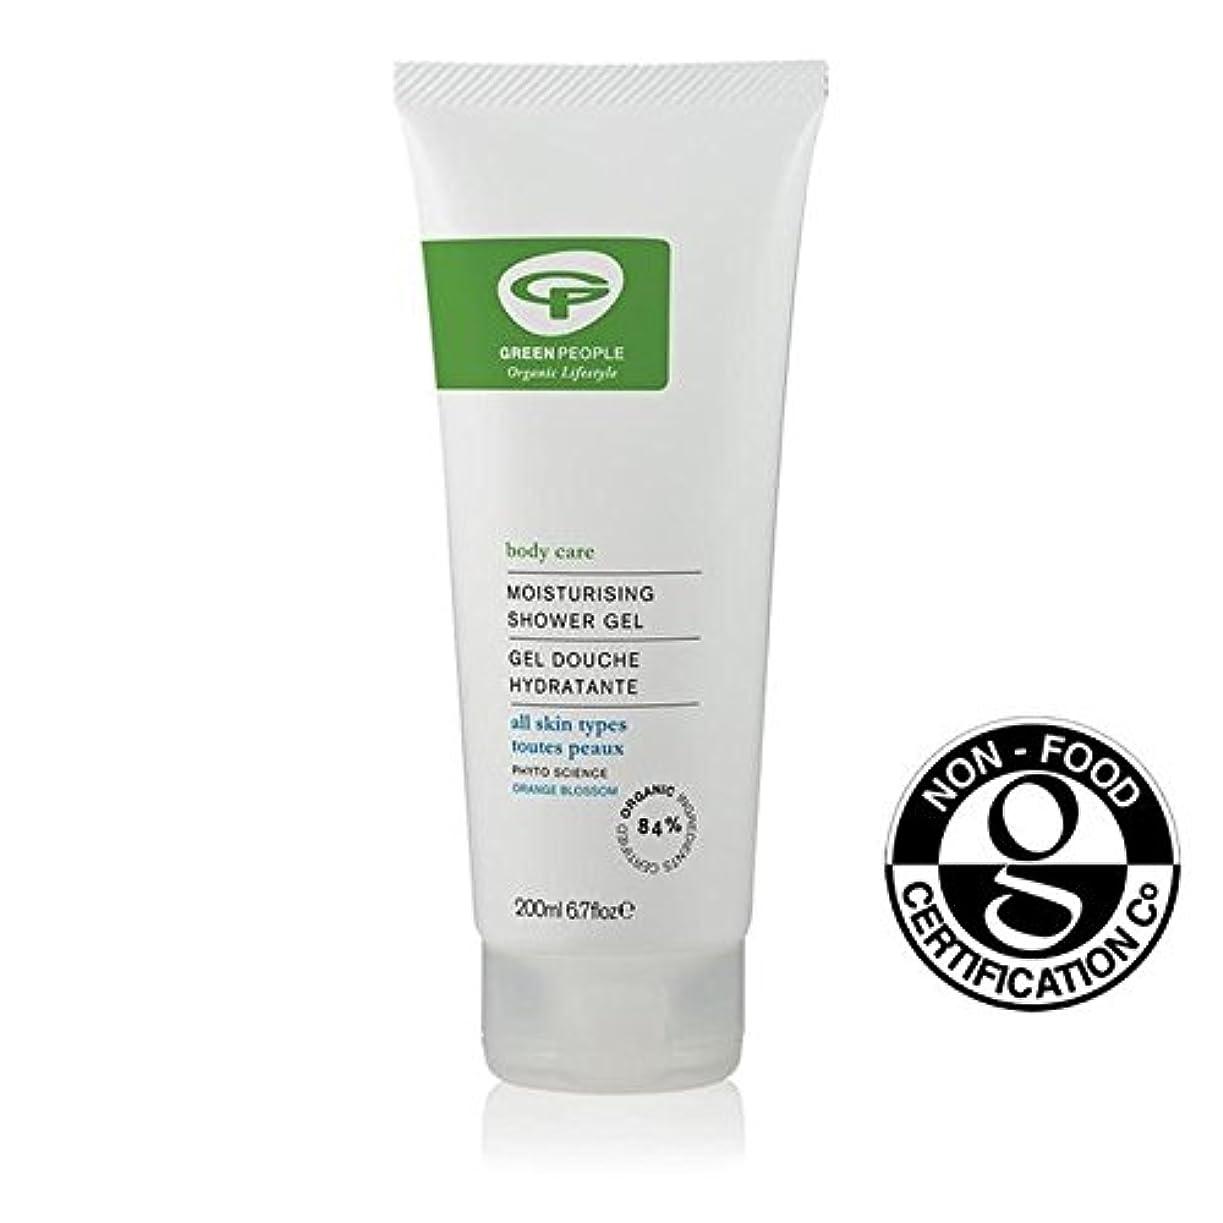 日信仰発信Green People Organic Moisturising Shower Gel 200ml - 緑の人々の有機保湿シャワージェル200 [並行輸入品]